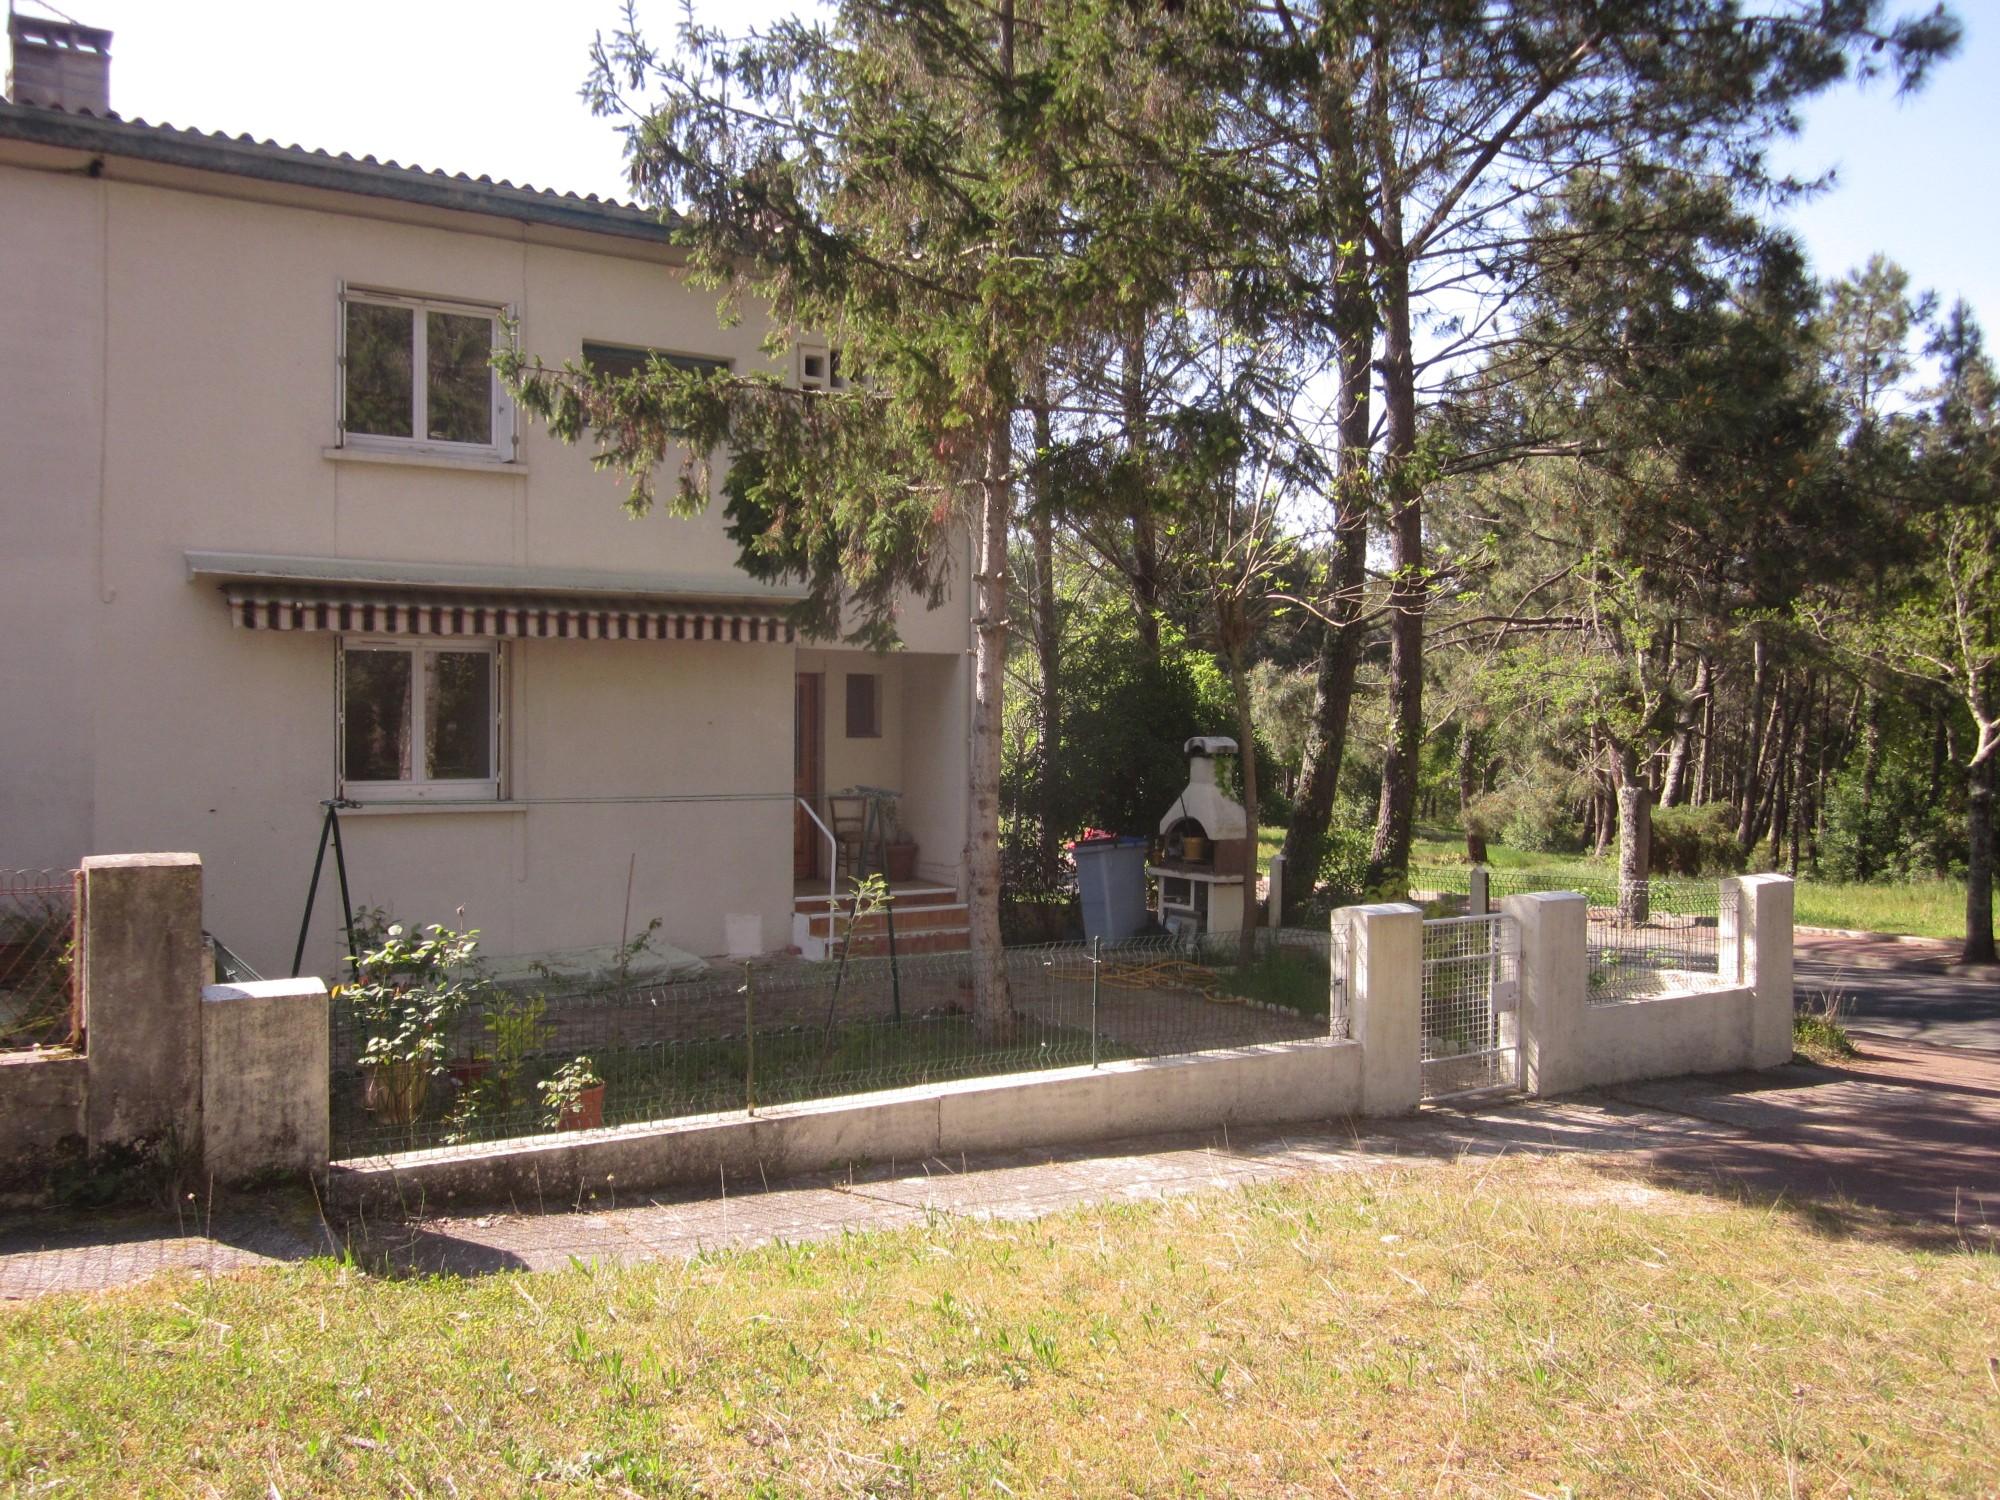 Achat maison r nover vendre arcachon abatilles for Achat maison 84